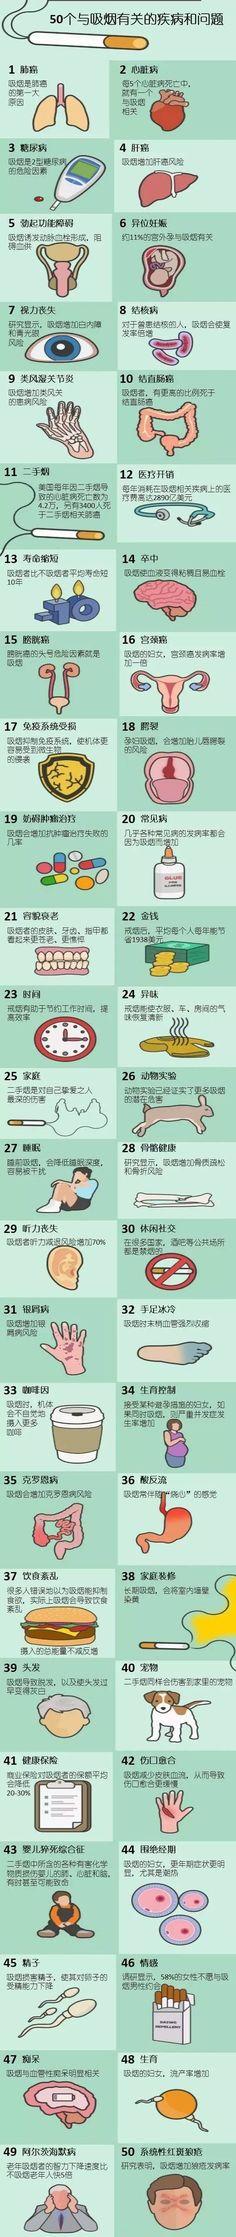 抽烟对颜值和身体的伤害有多大?看完我震惊了!_潮男健身_微信志